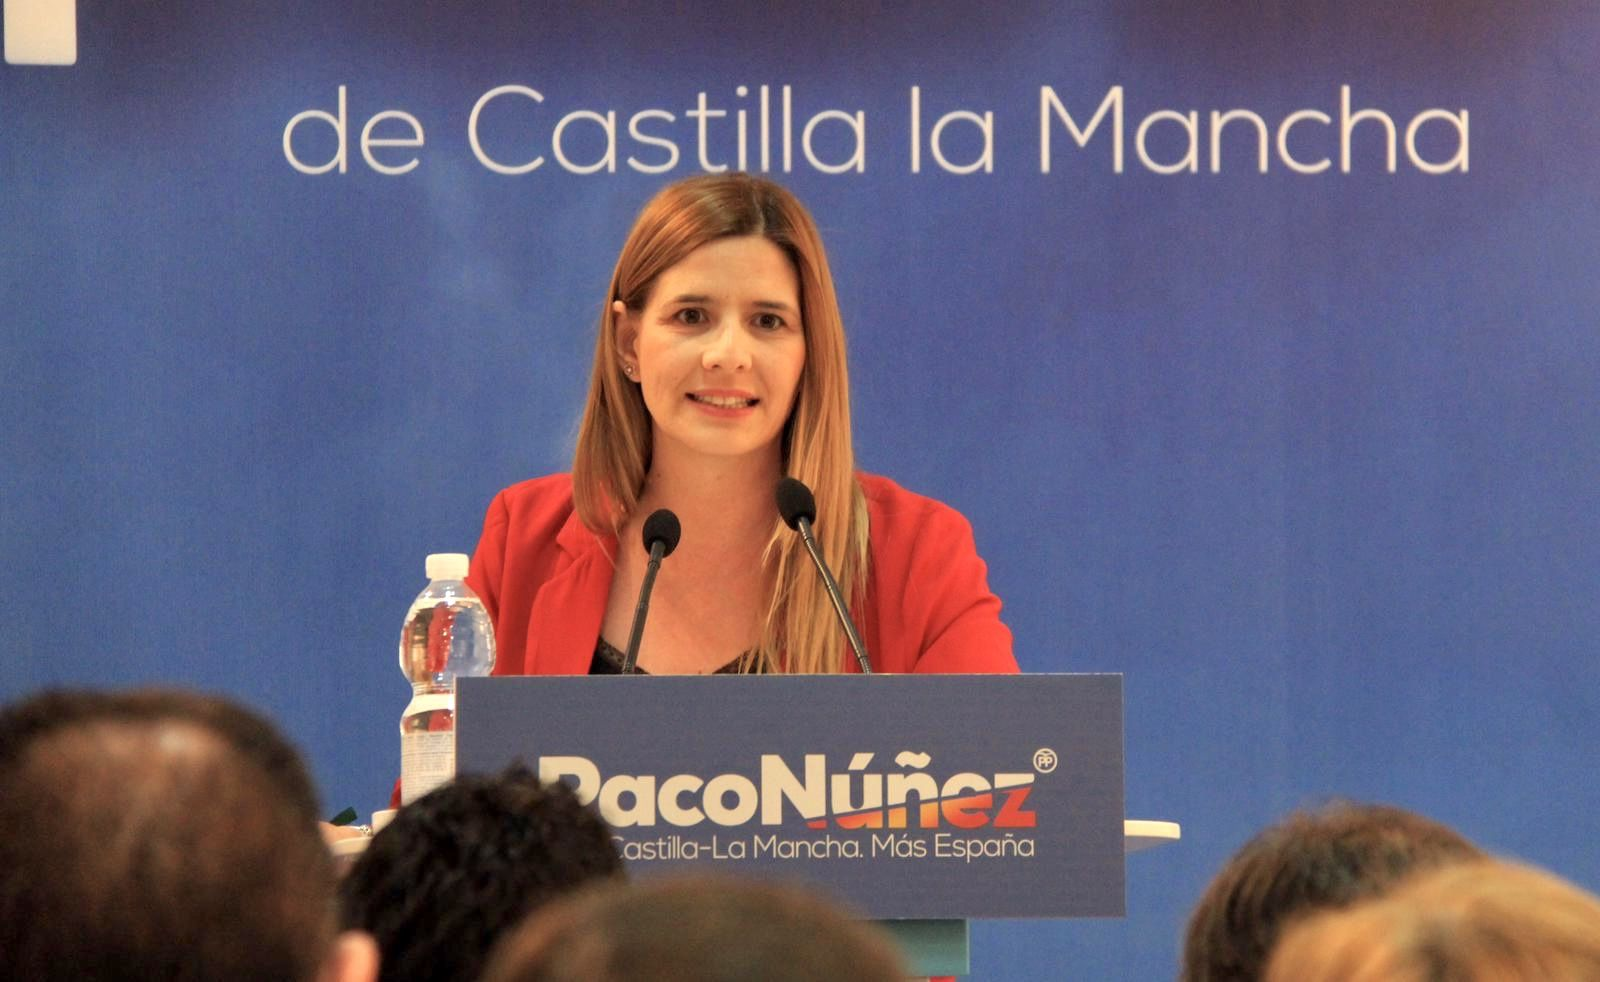 El PP-CLM propone a Carolina Agudo como senadora por designación autonómica para continuar con la renovación puesta en marcha por Paco Núñez